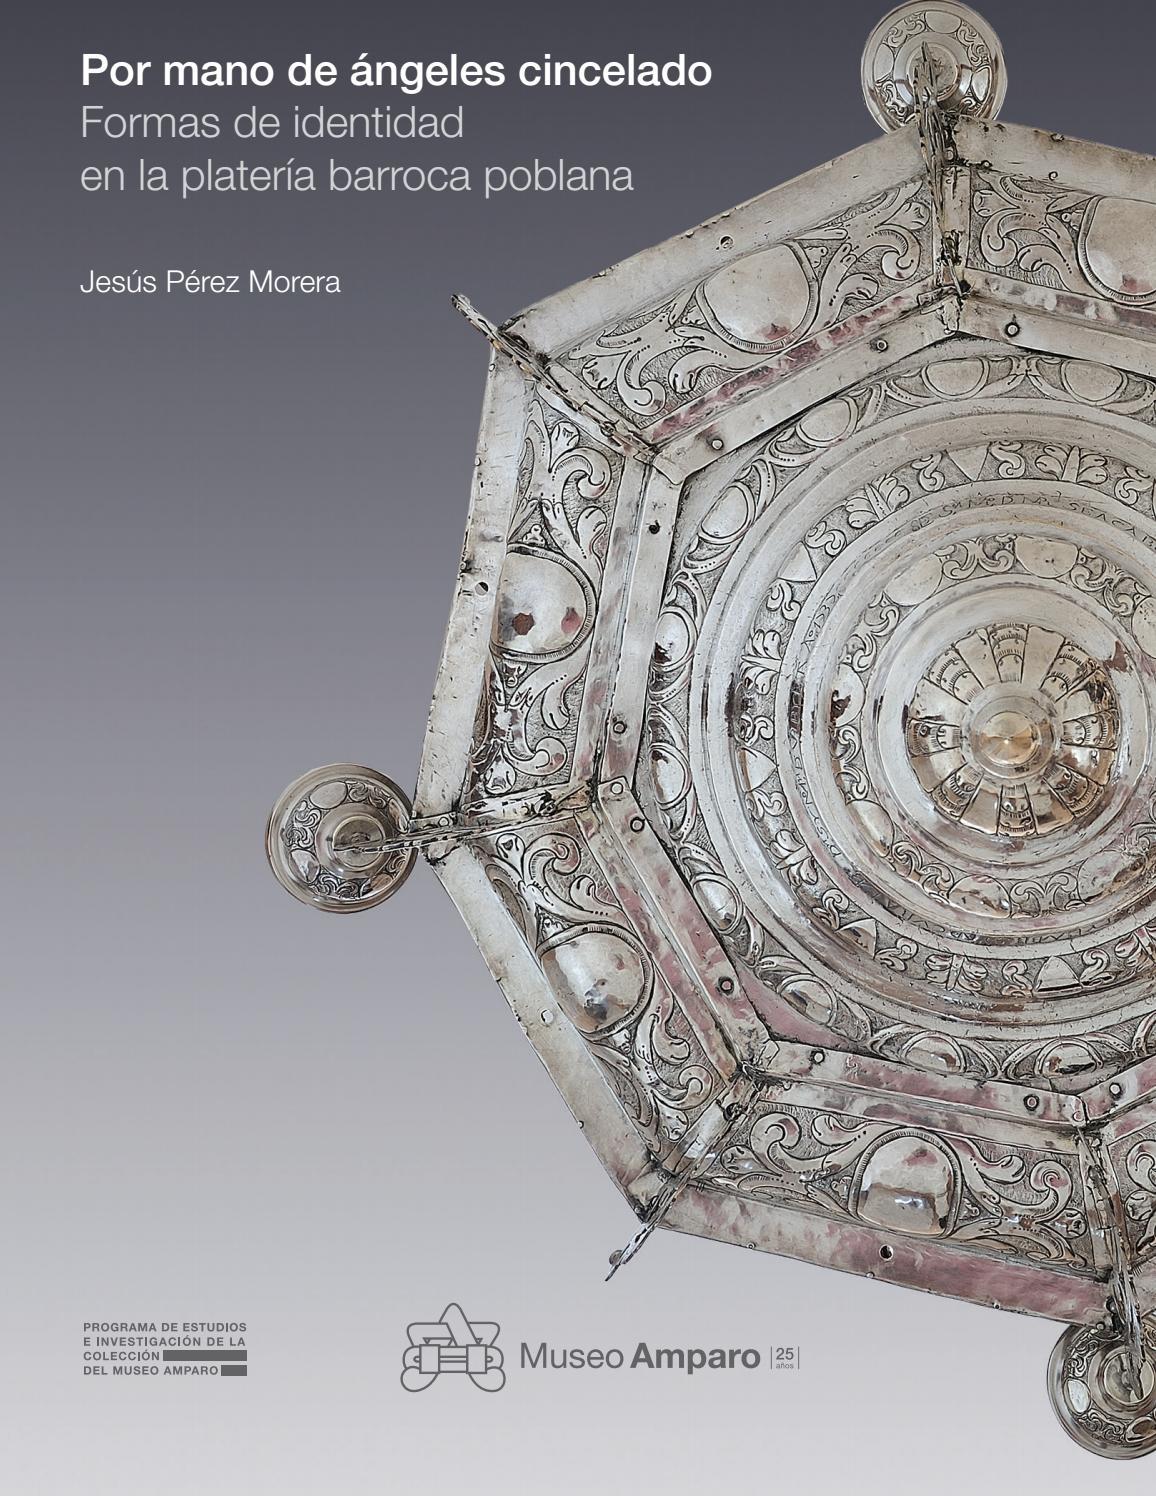 Por mano de ángeles cincelado. Formas de identidad en la platería barroca  poblana by Museo Amparo - issuu